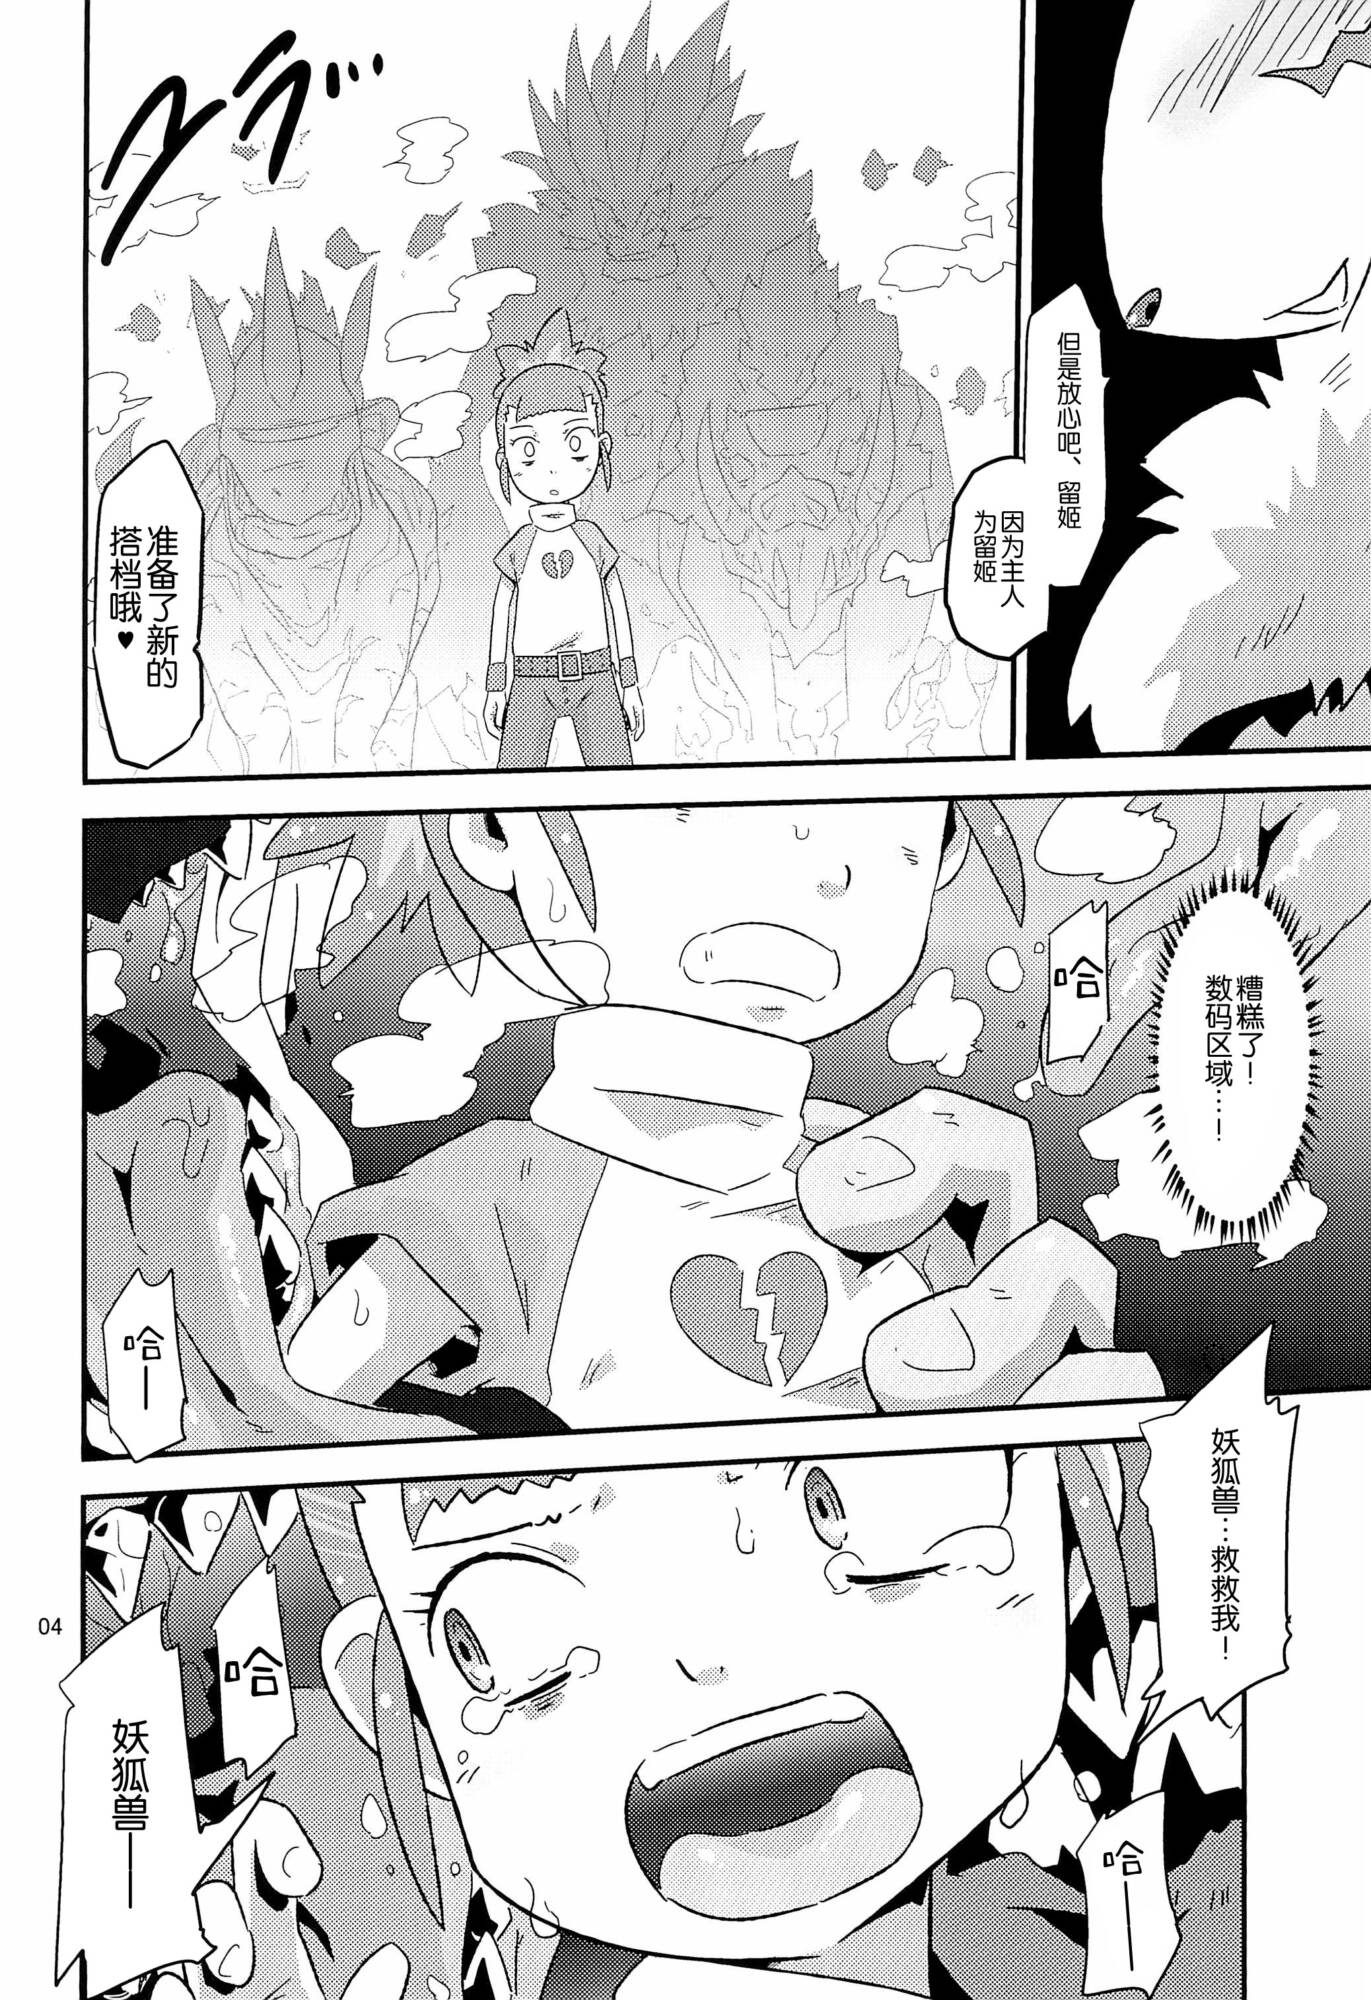 Digimon nanka Kirai (Chinese) - page04 Digimon Adventure,  xxx porn rule34